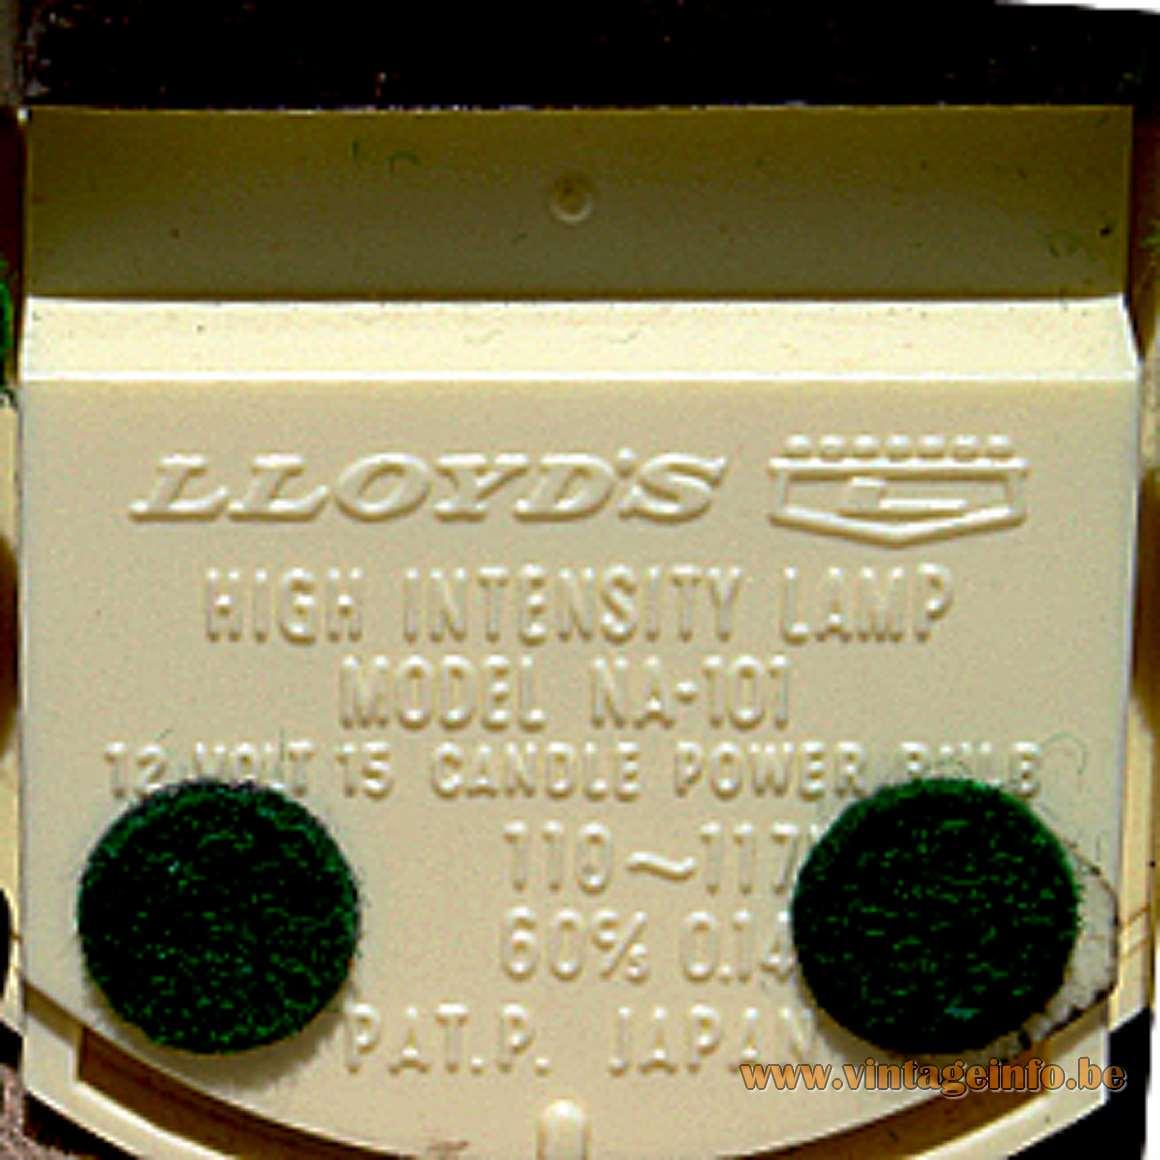 Lloyd's NA-101 Folding Lamp